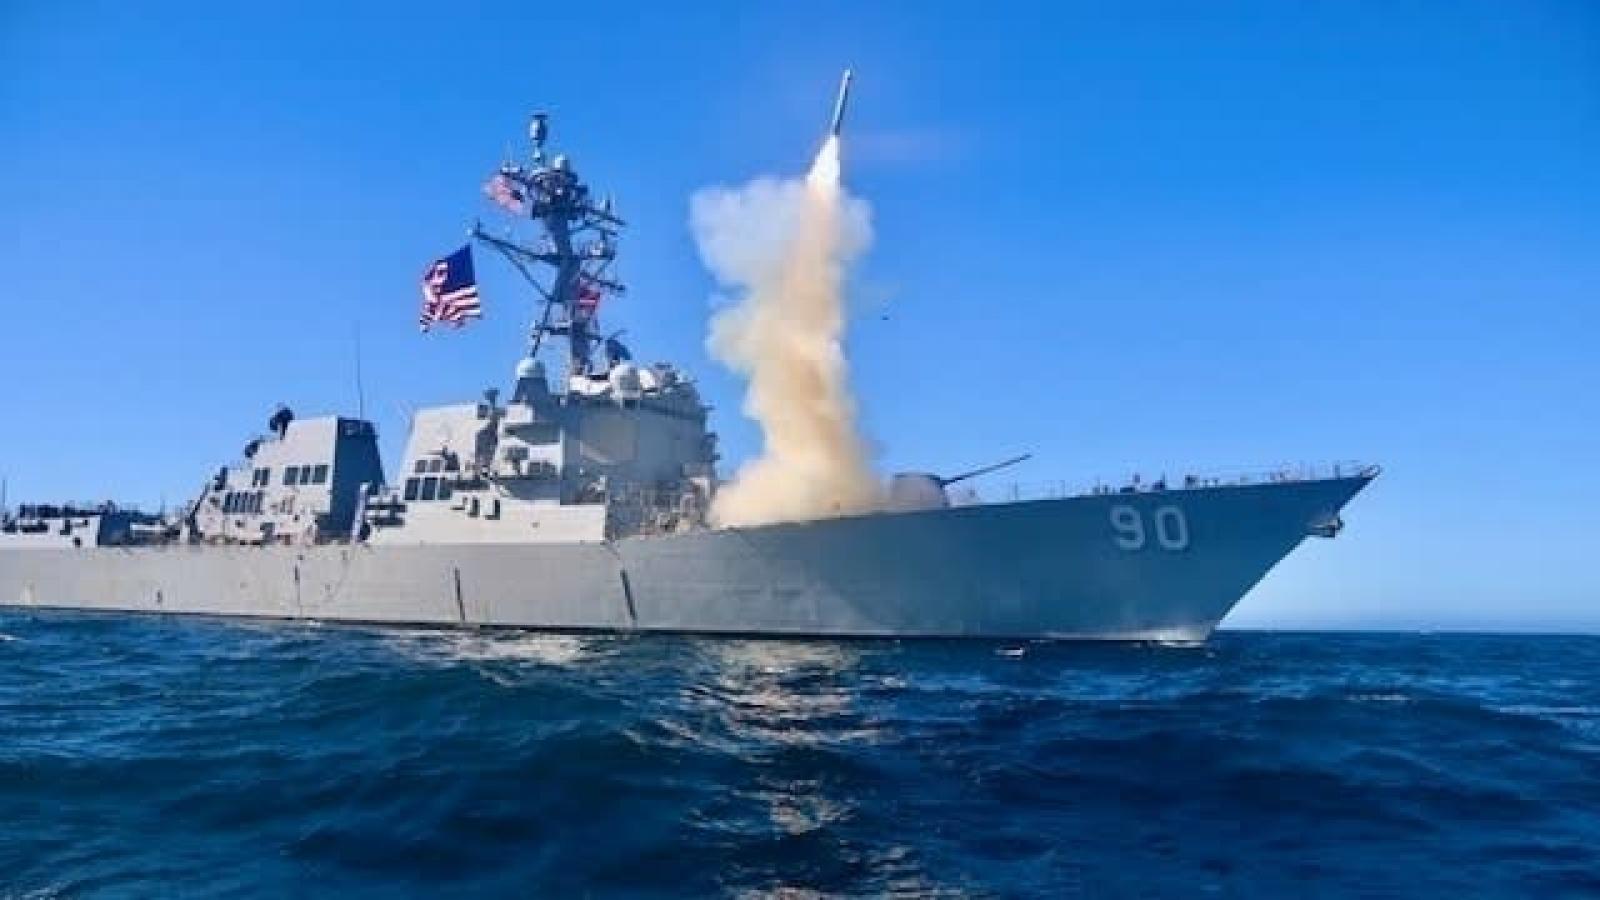 Mỹ tính xây dựng mạng lưới tên lửa chống Trung Quốc dọc chuỗi đảo thứ nhất